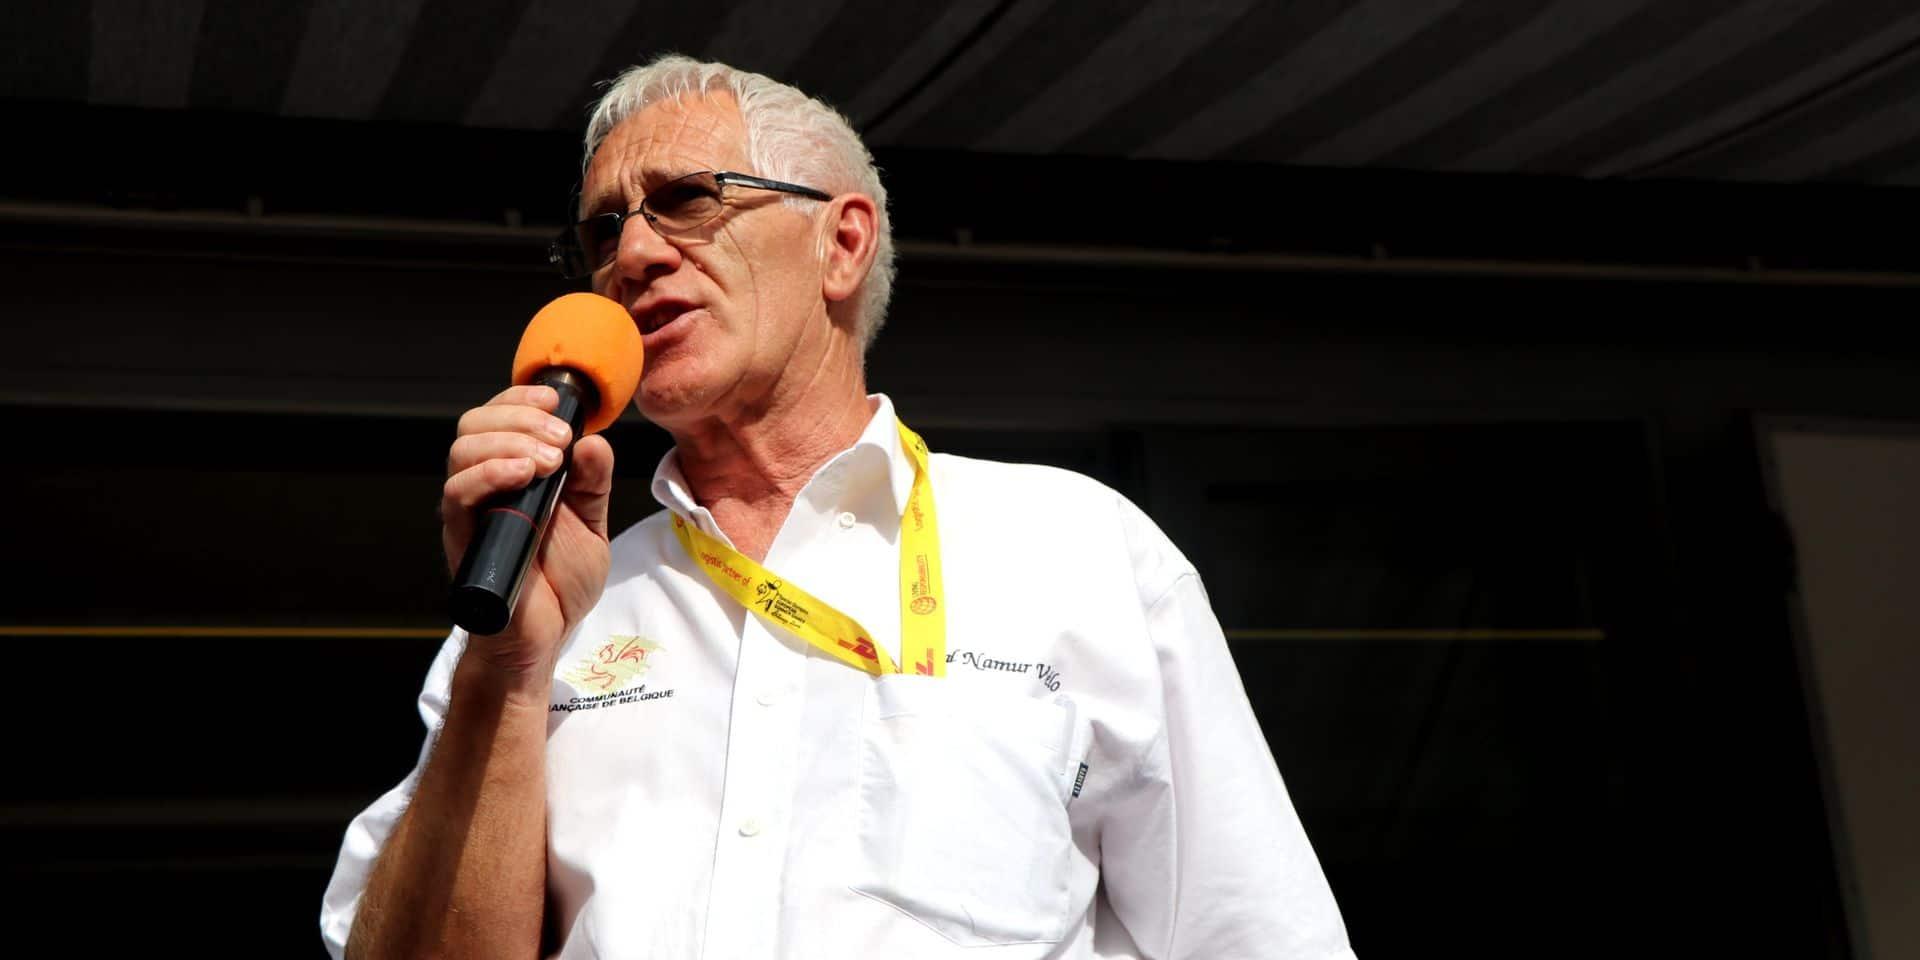 Christian Bouillot passe la main au Tour de Namur